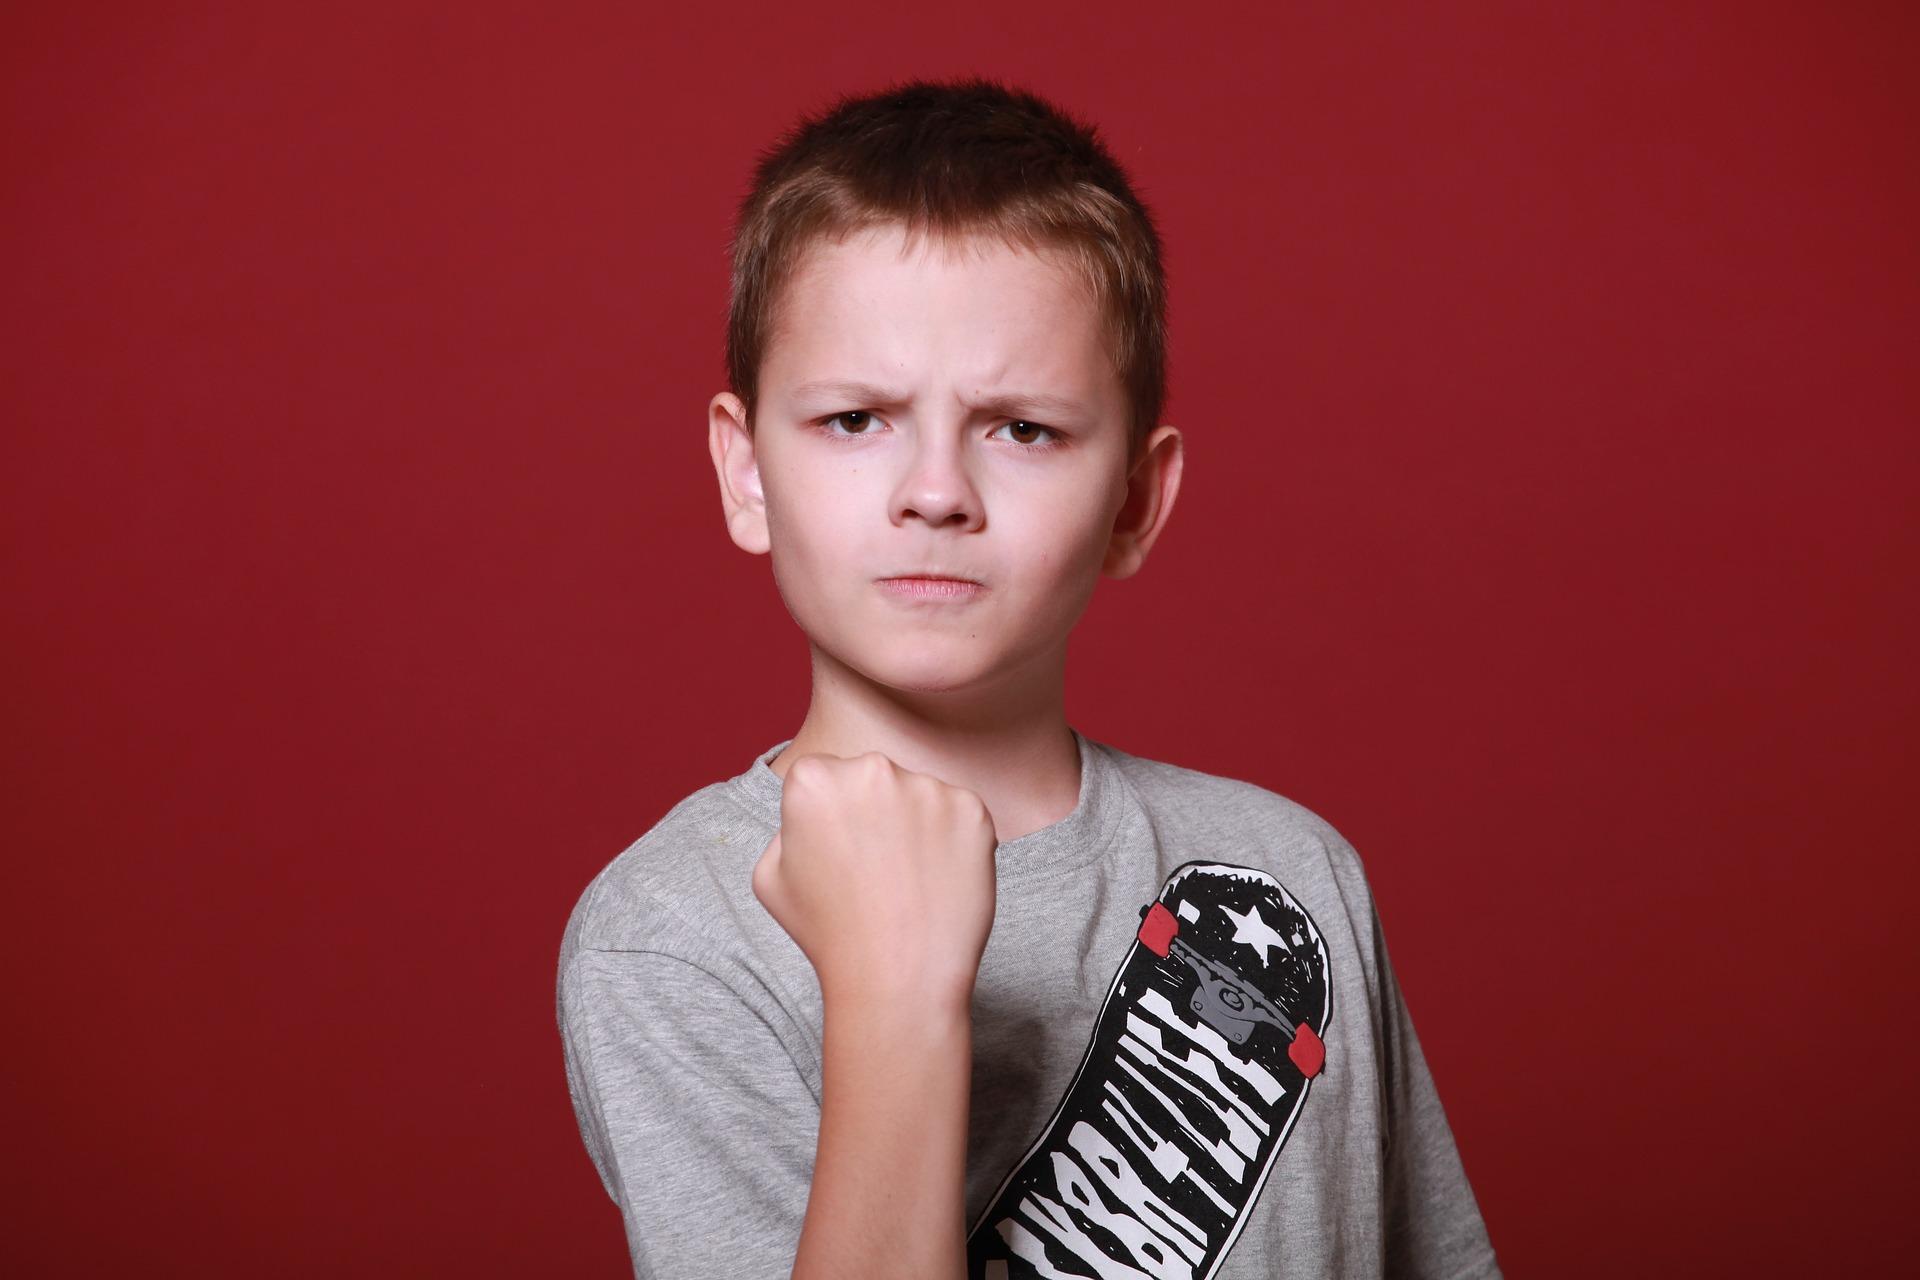 Pomanjkanje vitamina D povzroča agresivno vedenje